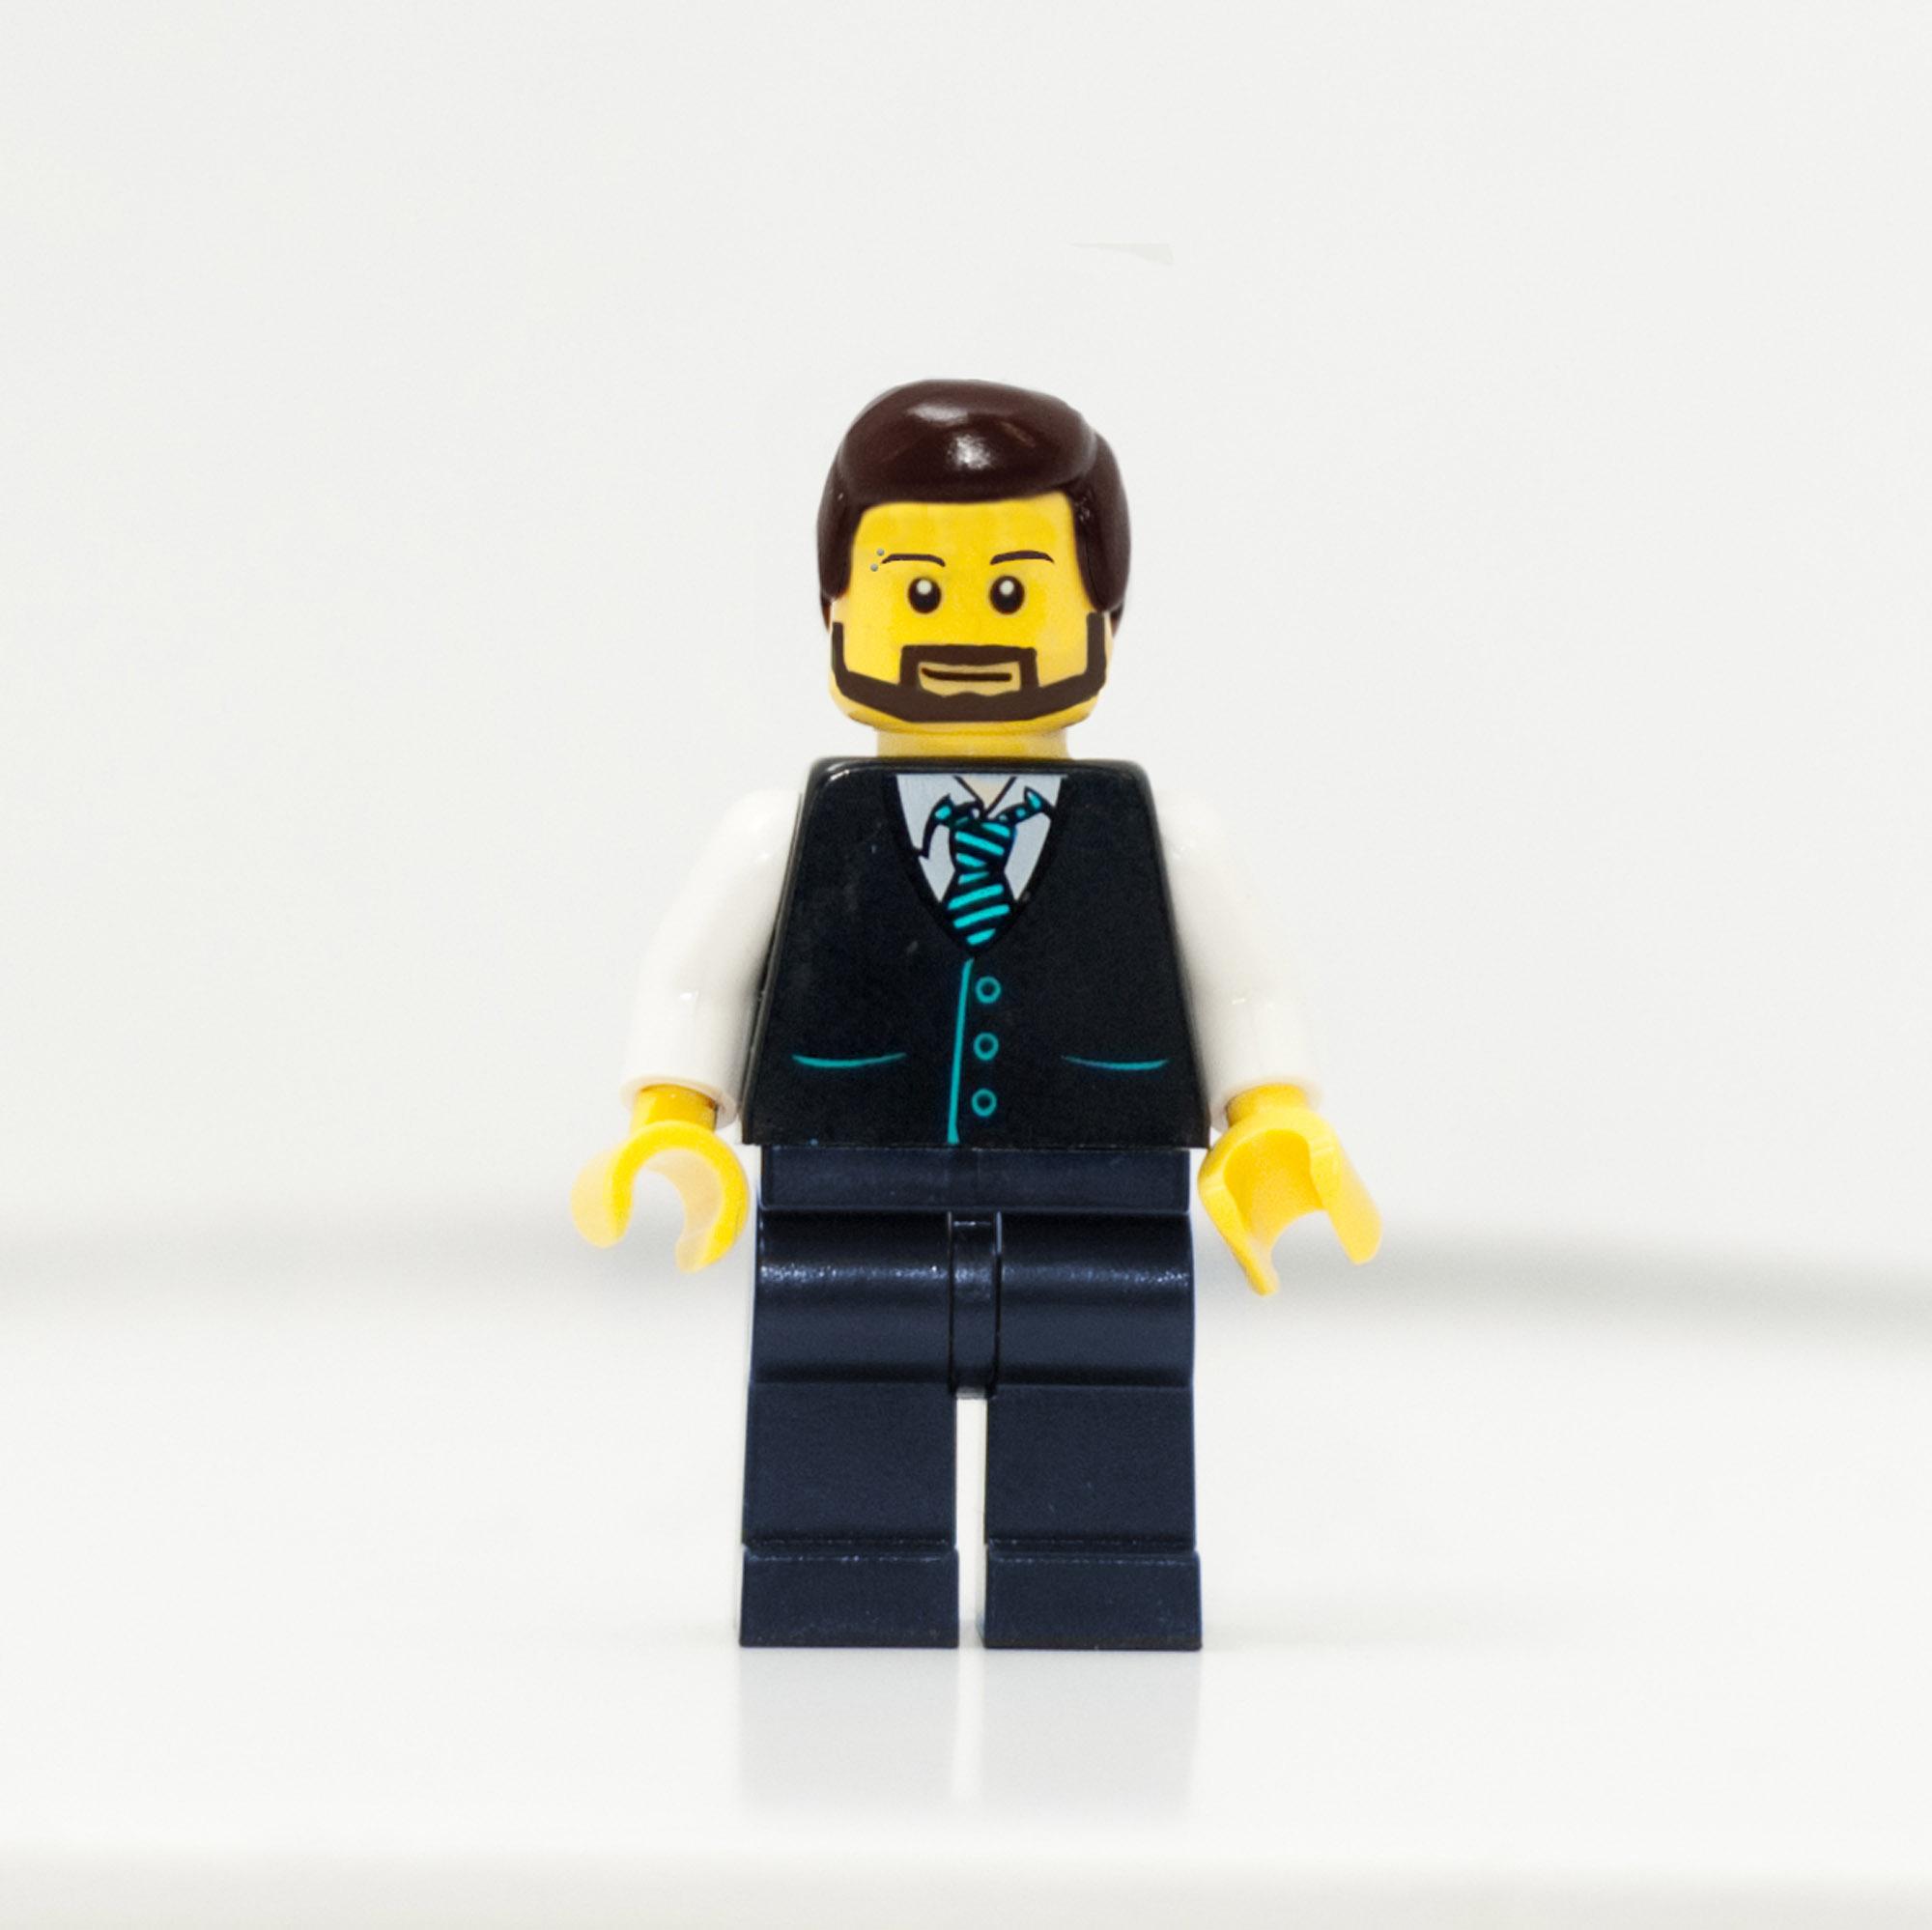 2010365_1211_LegoMark-web